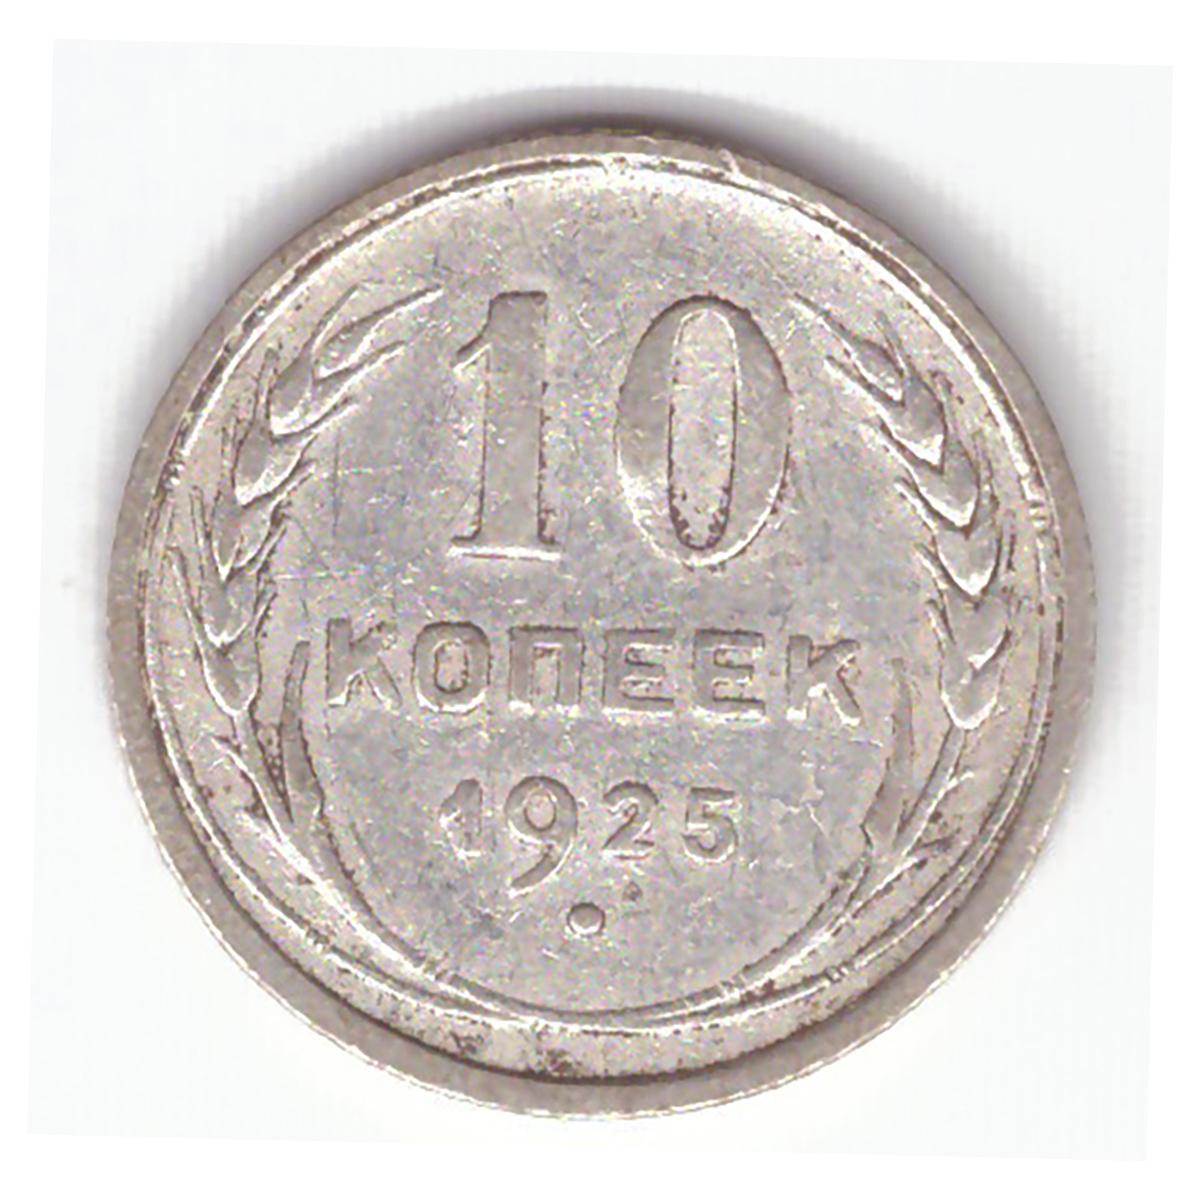 10 копеек 1925 VF-